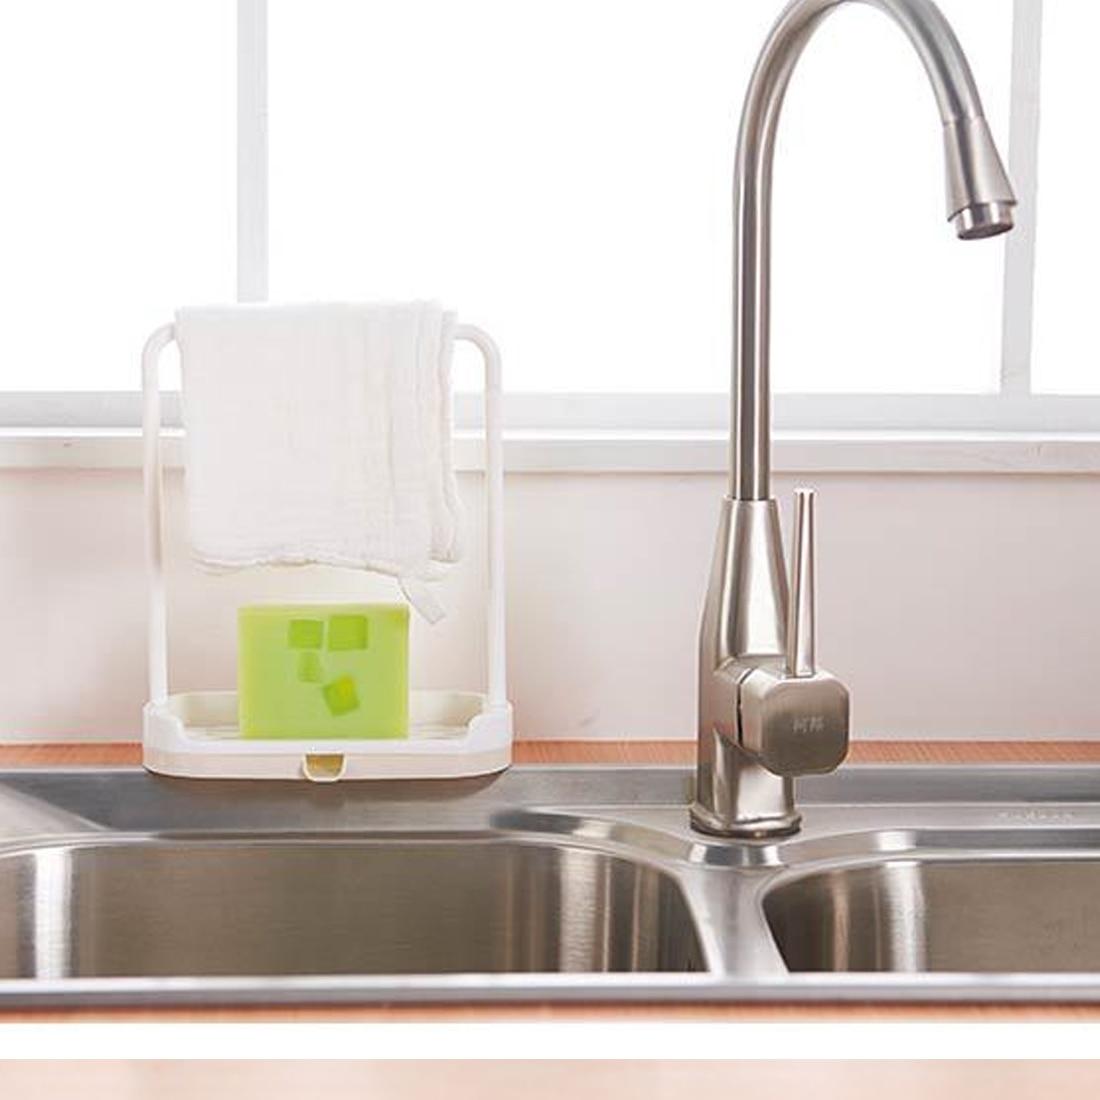 Wash Cloths Kitchen Holder Ideas on kitchen cup holders, kitchen sponge holders, kitchen spoon holders, kitchen soap holders,